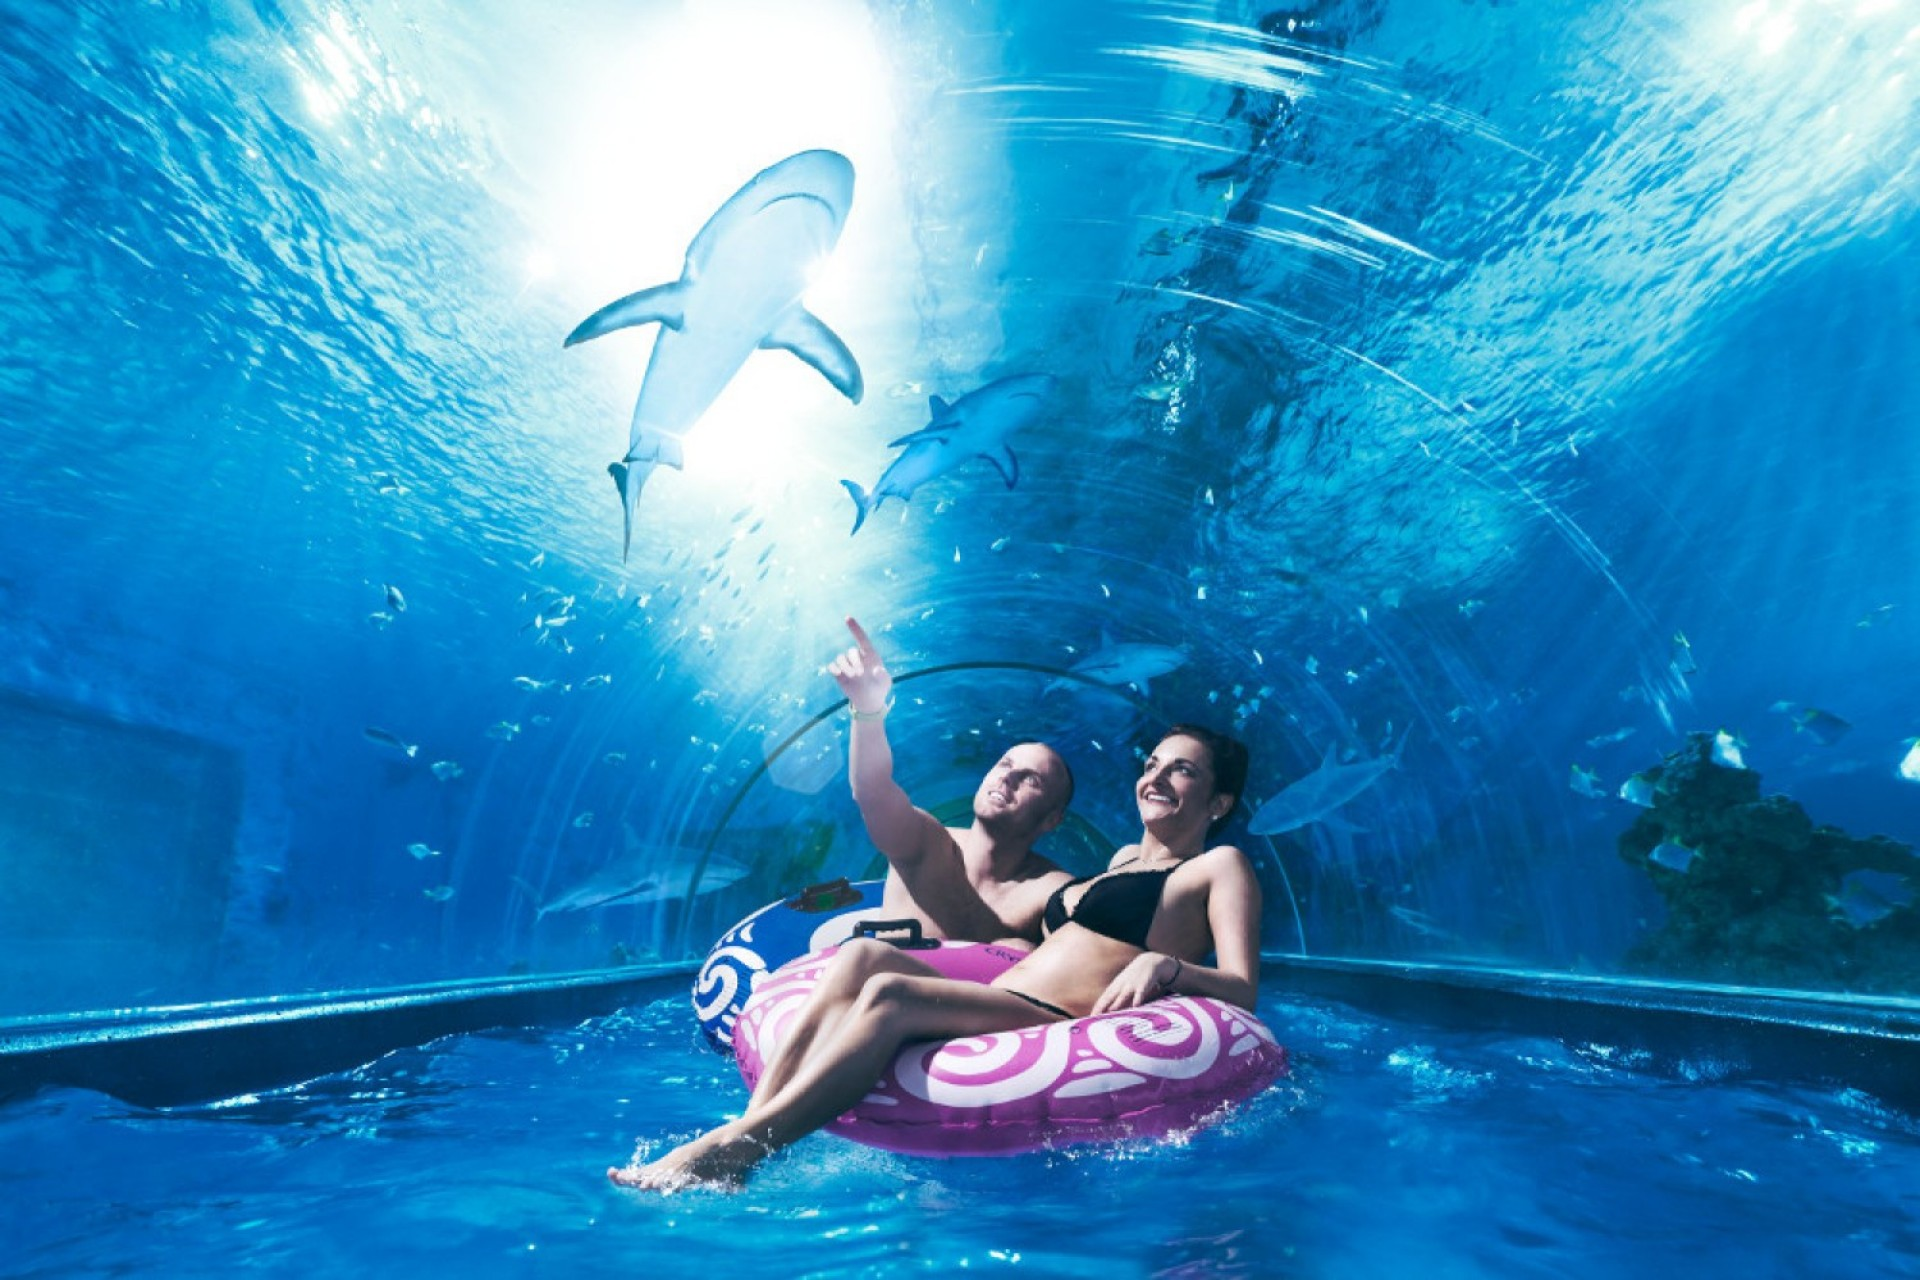 Rekiny nad Bałtykiem, czyli Shark Slide i inne atrakcje w AquaPark Reda.